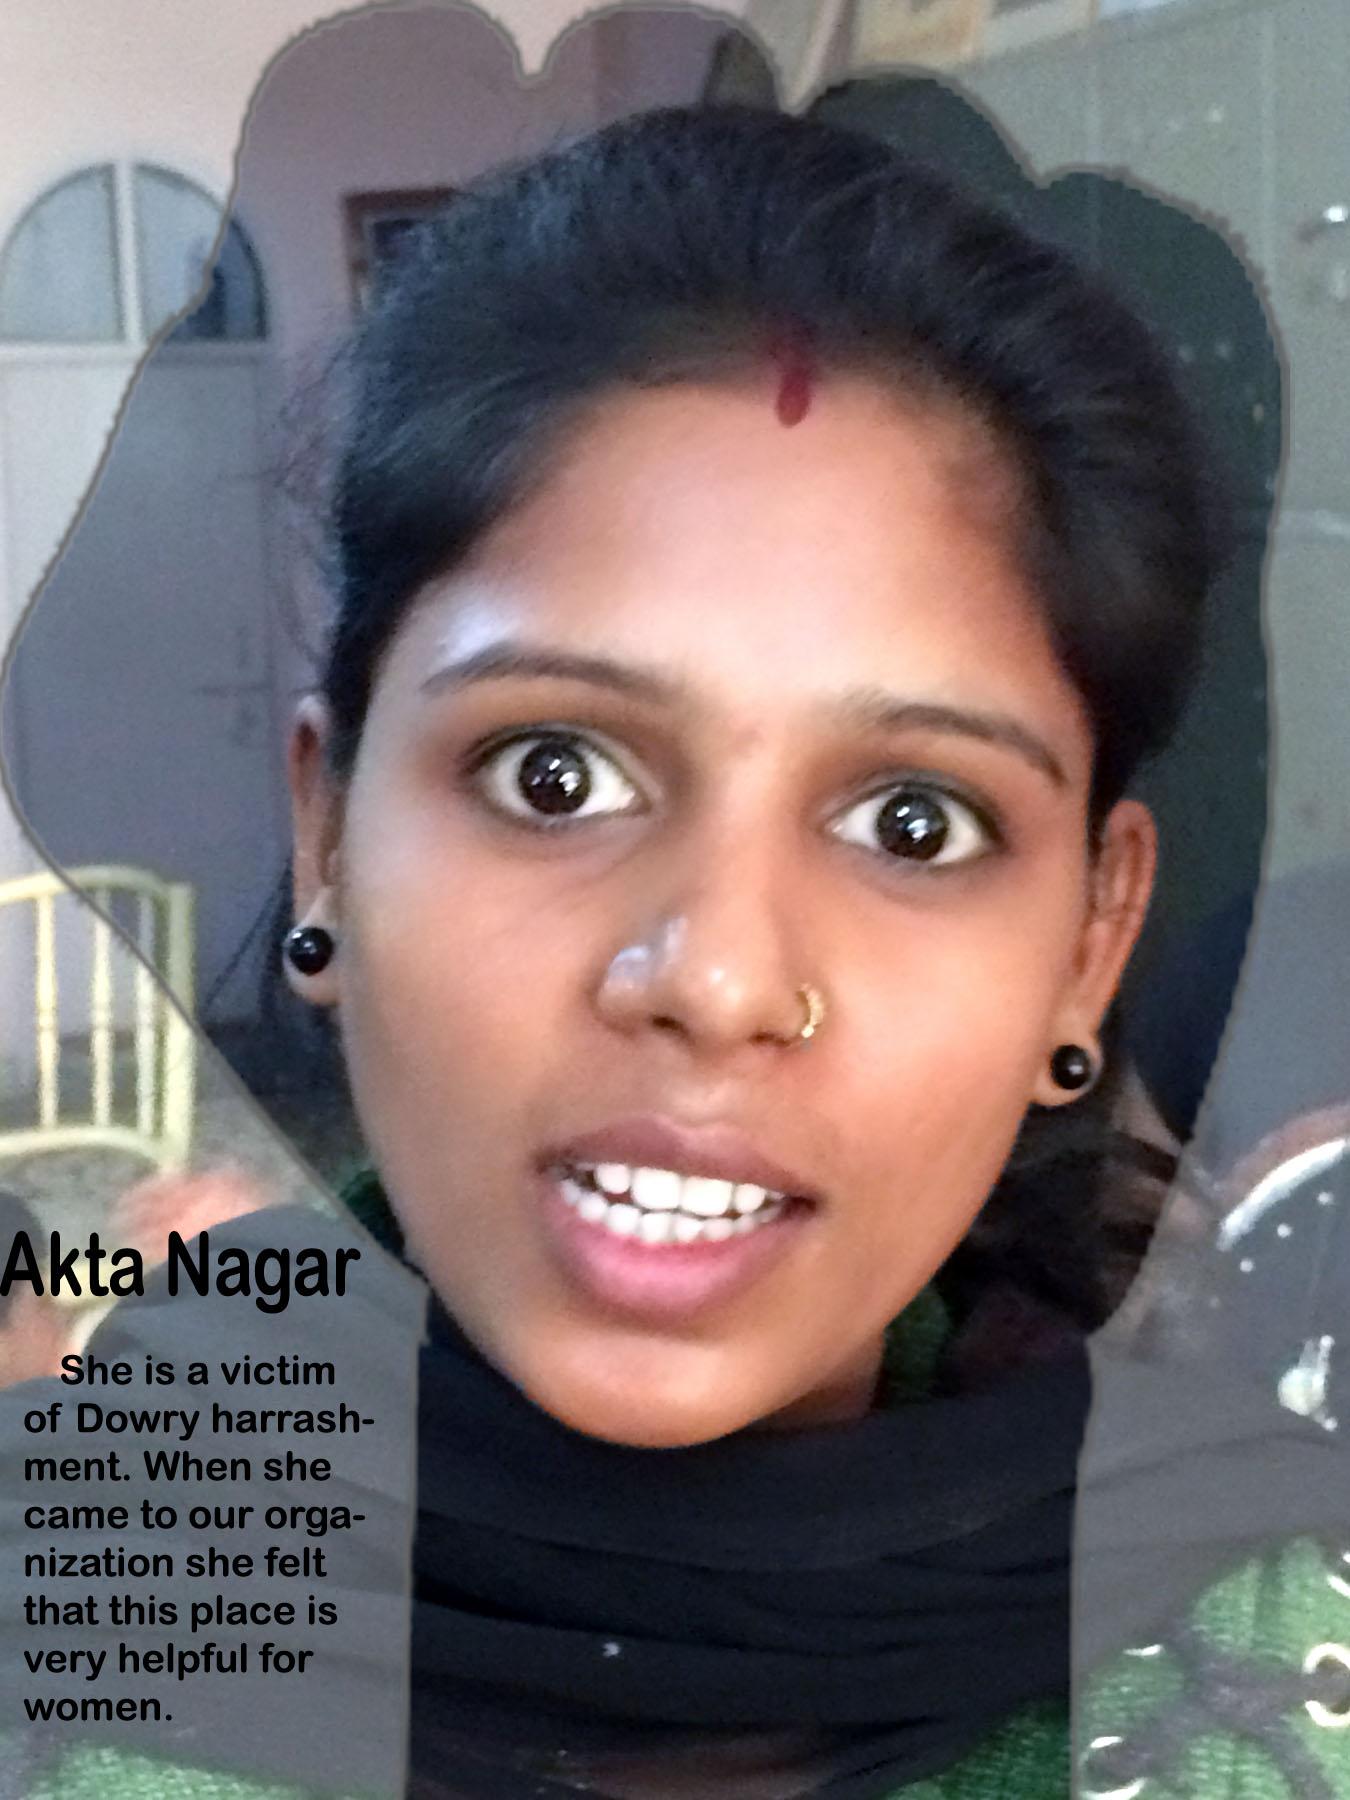 Akta nagar women human right defender--.jpg